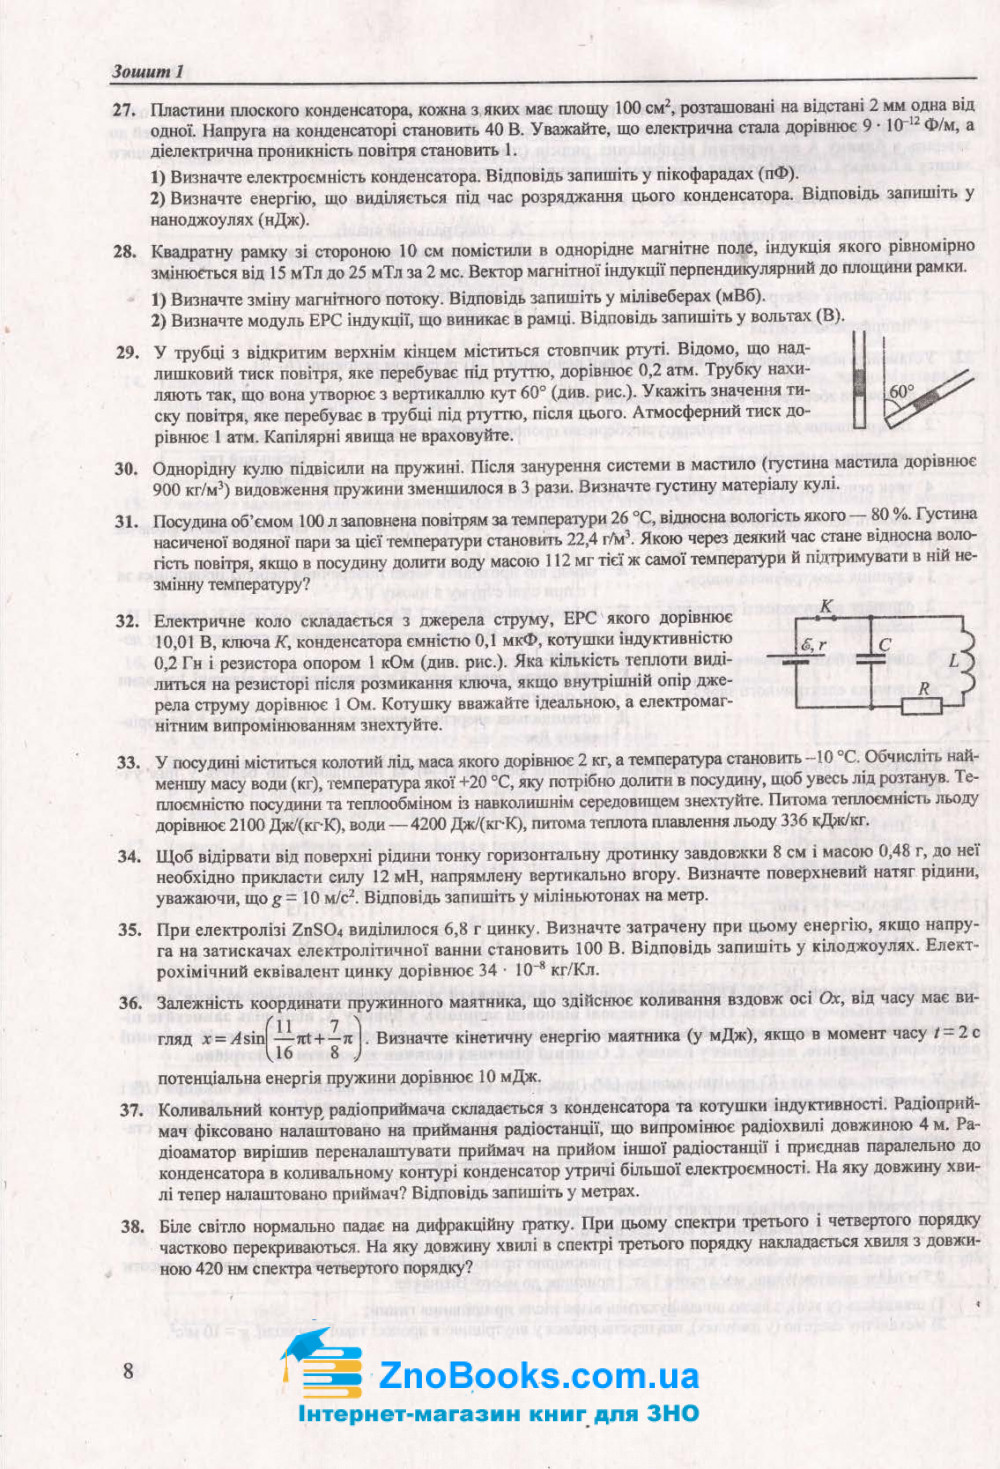 Фізика ЗНО 2021. Тренажер : Струж Н. Підручники і посібники. купити 8